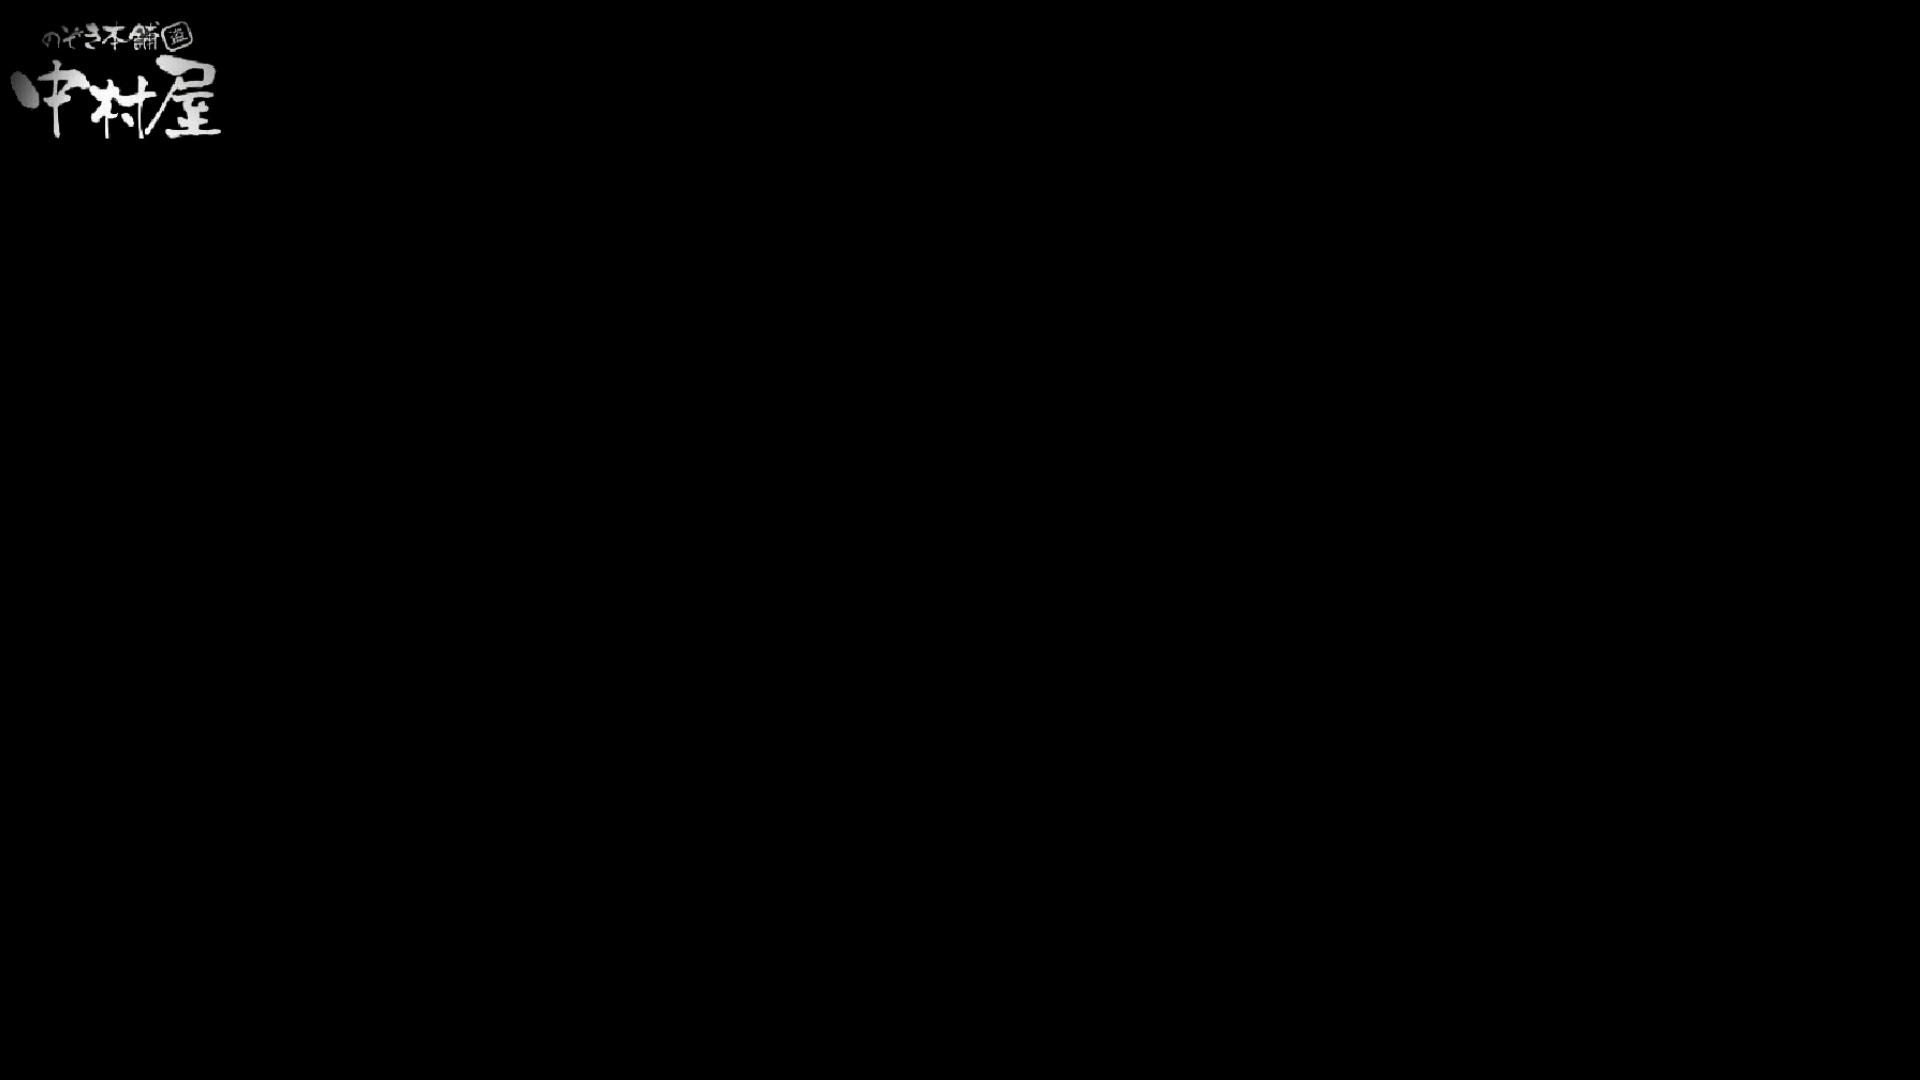 雅さんが厳選新年特別コンテンツ!激走!東京マラソン選手専用女子トイレvol.9 お尻 盗撮アダルト動画キャプチャ 57PICs 57